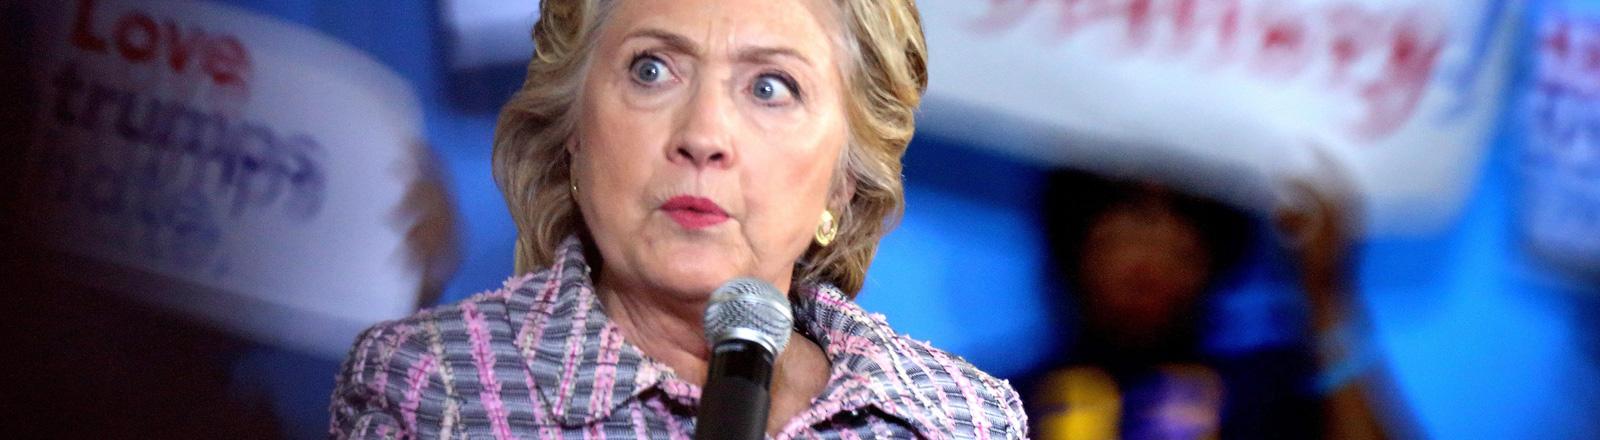 Hillary Clinton während einer Rede am Coral Spring Gymnasium in Coral Springs, Florida (30.09.2016). Sie hat einen skeptischen Gesichtsausdruck.